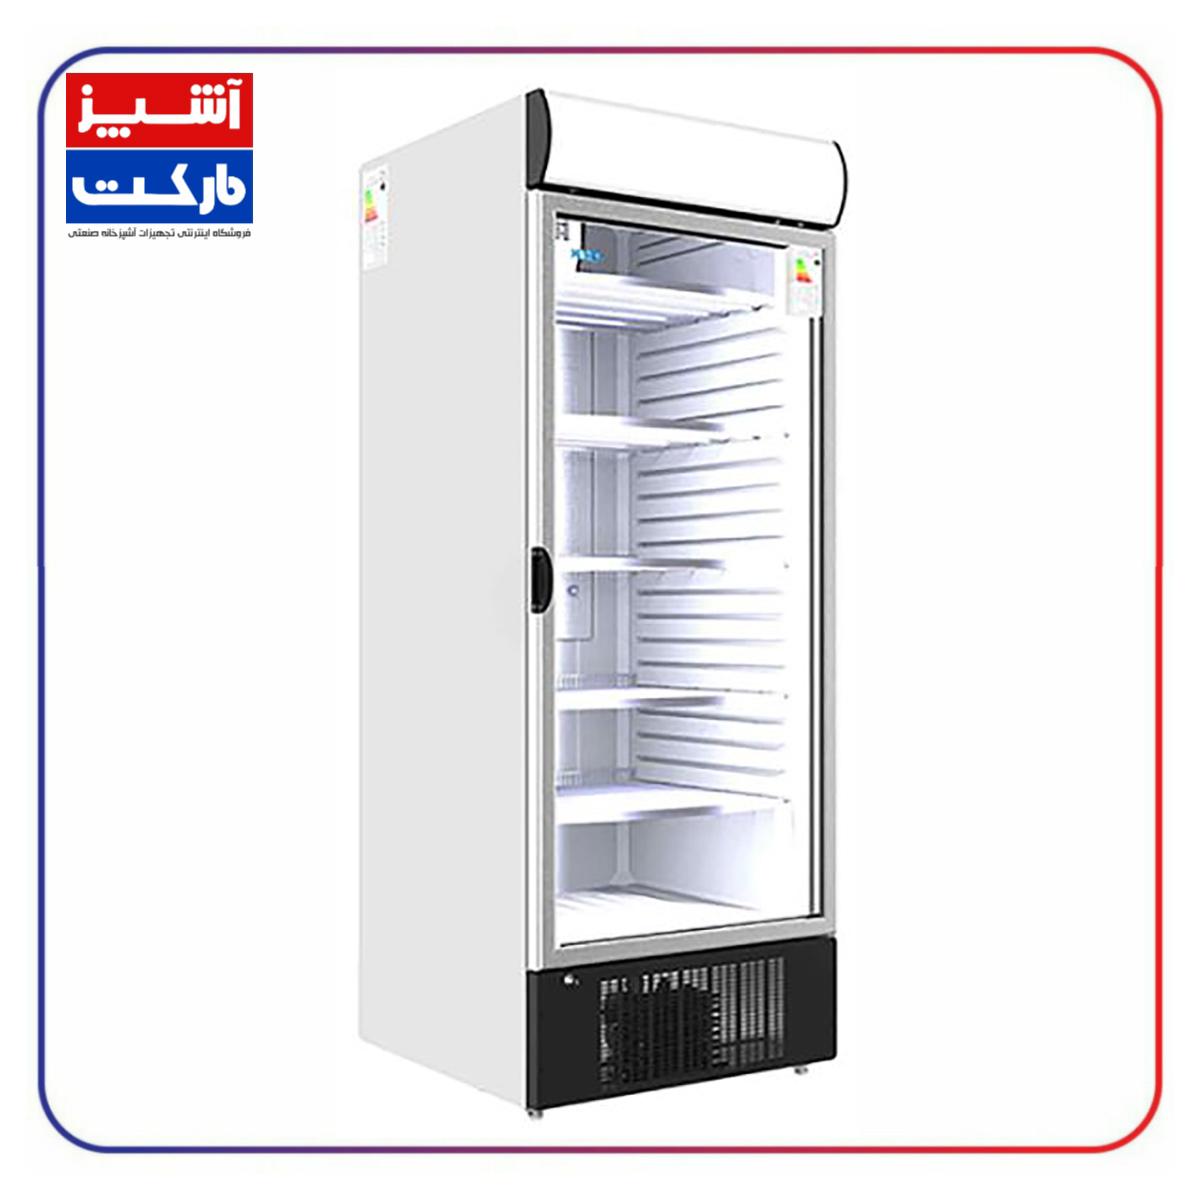 یخچال فروشگاهی کینو 80 سانت KINO KR 800